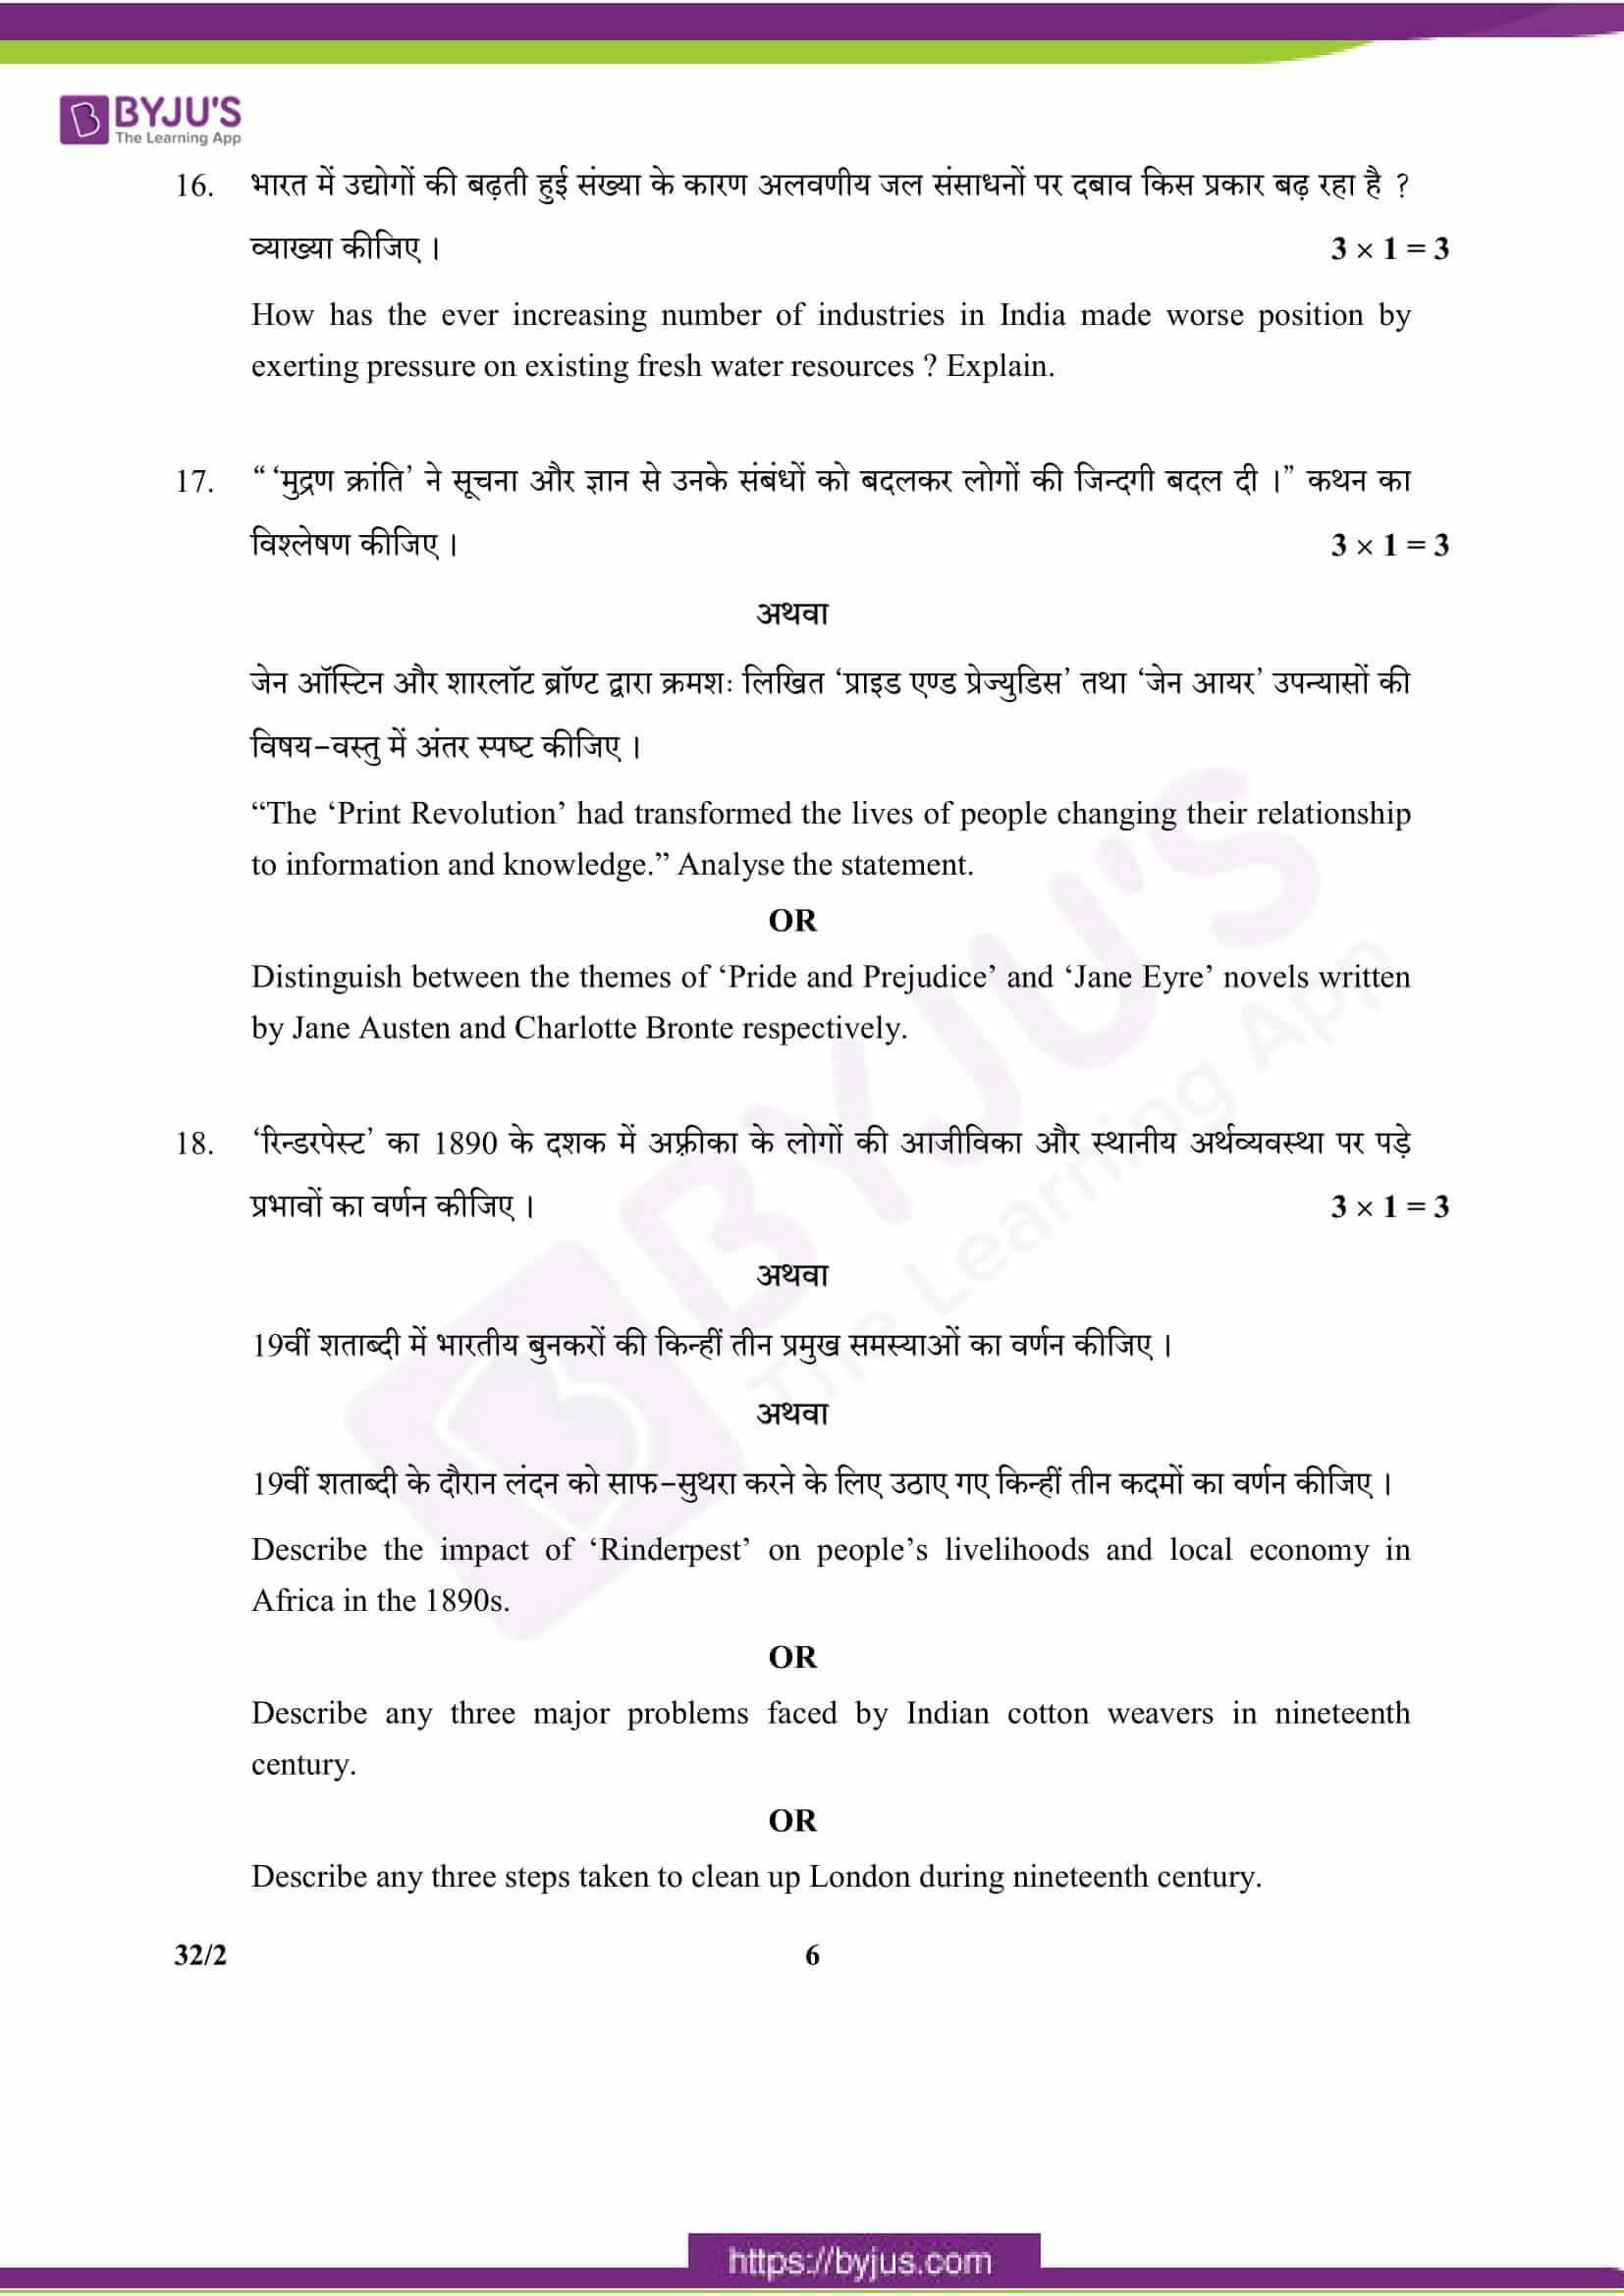 cbse class 10 ss qn paper 2018 set 2